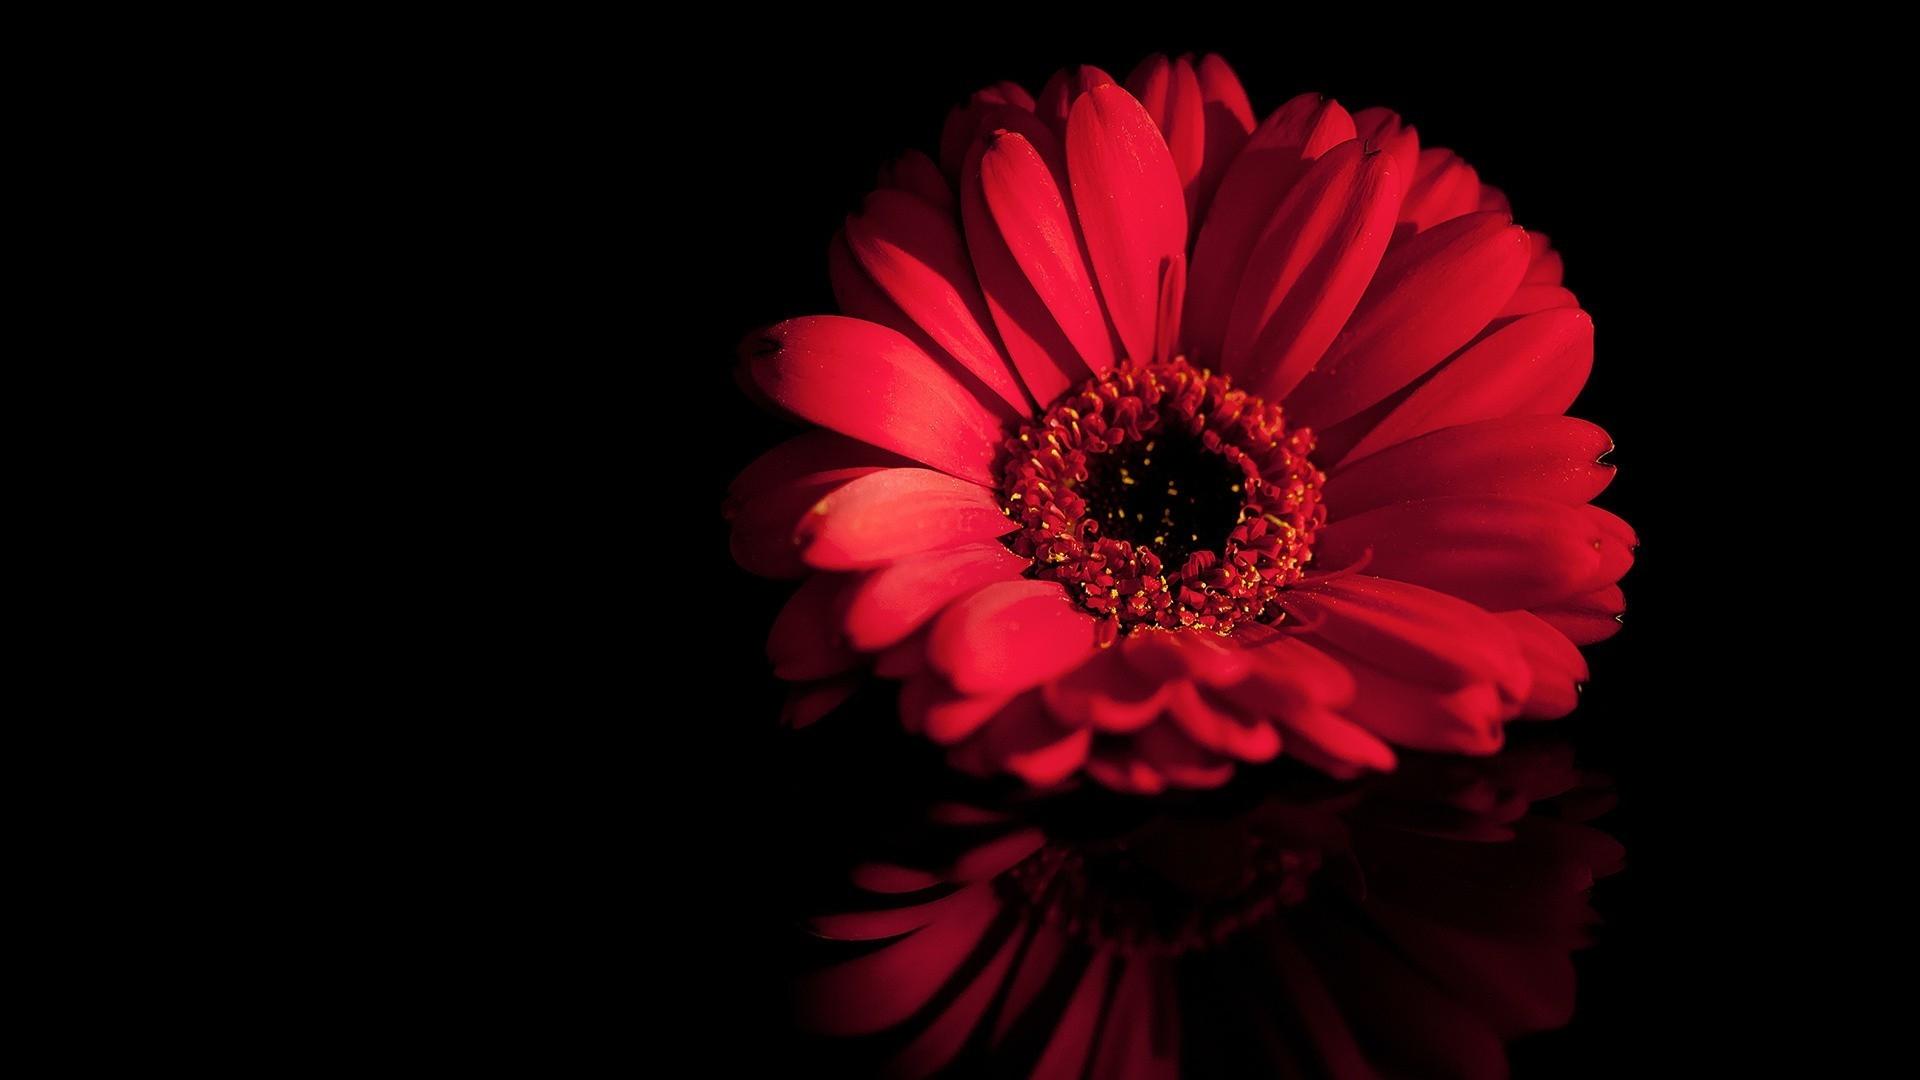 Обои на телефон цветы на черном фоне016